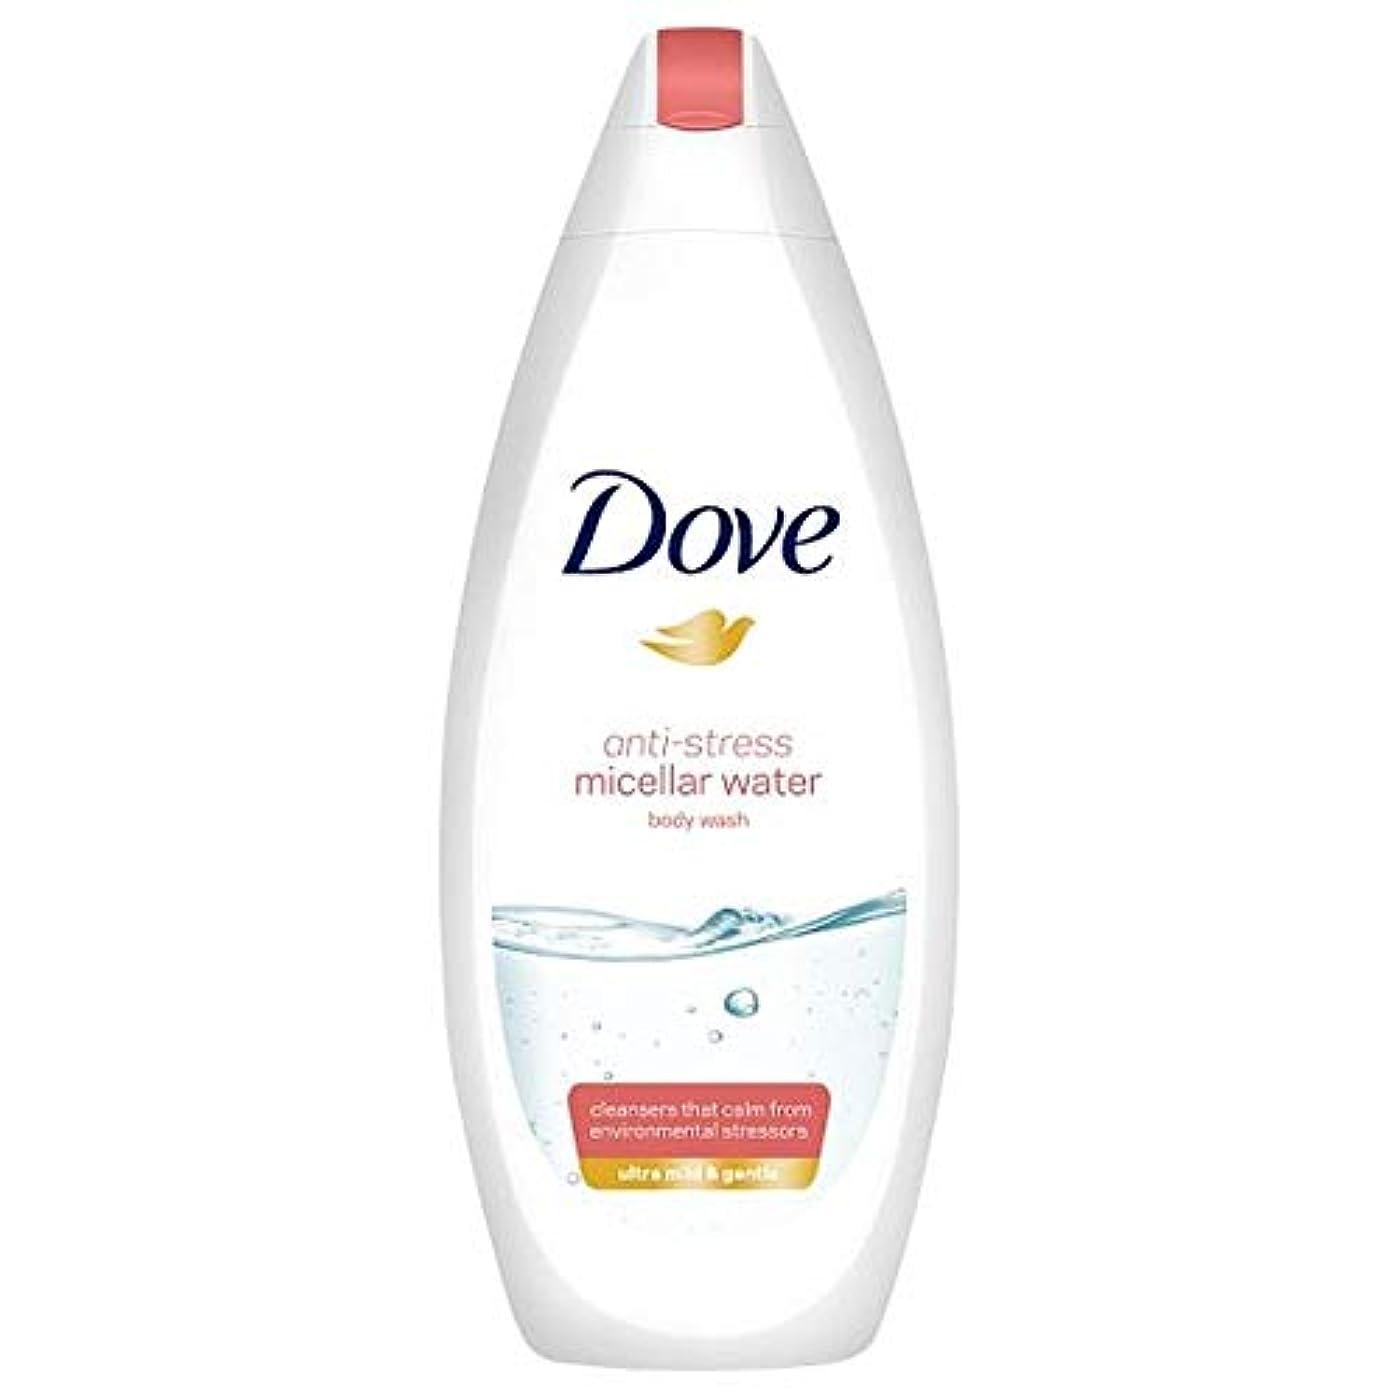 ロケーション殺します好意的[Dove] 鳩ミセルボディウォッシュ抗ストレス500ミリリットル - Dove Micellar Body Wash Anti Stress 500Ml [並行輸入品]